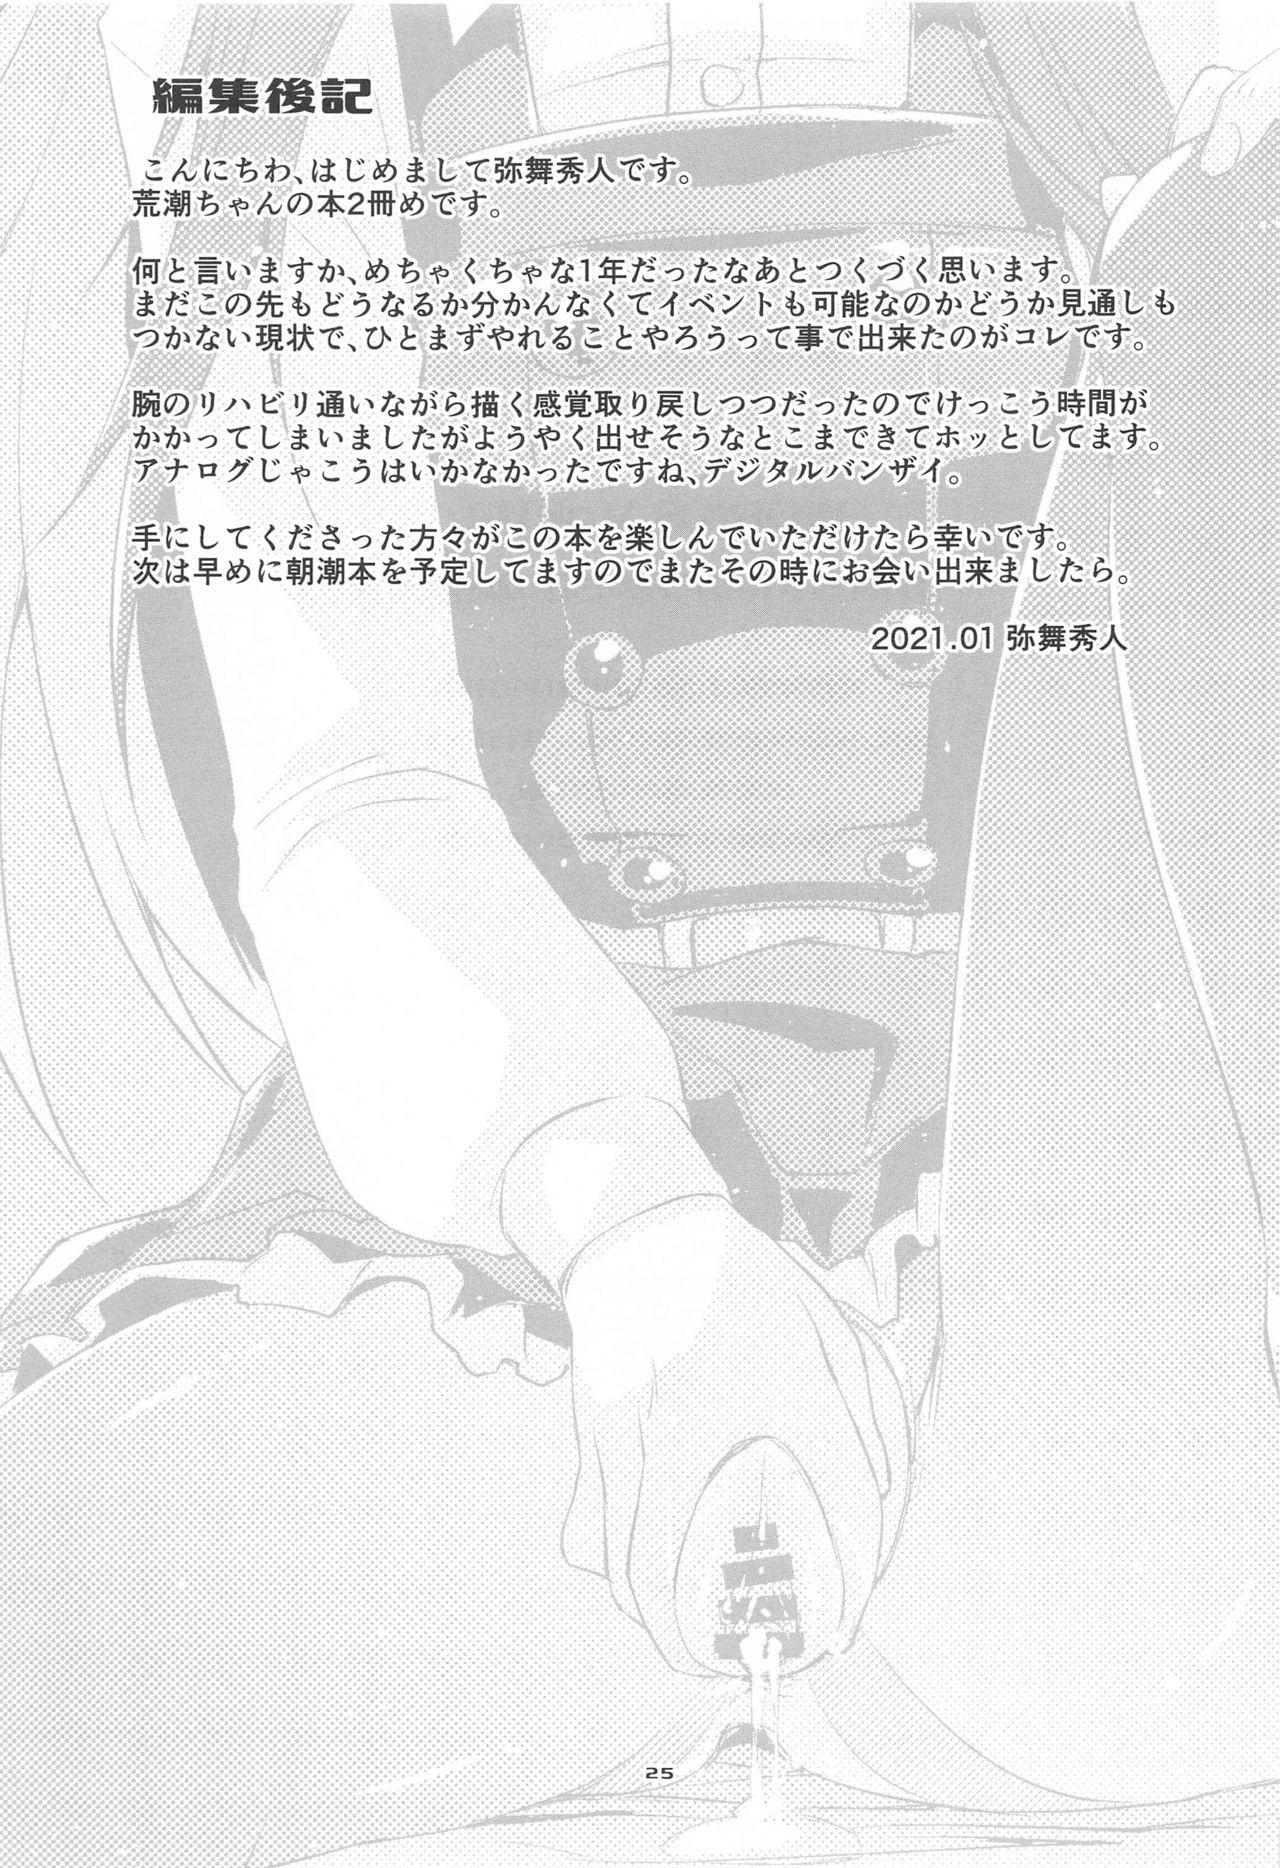 Arashio-chan no Tsumasaki, no Tsuzuki. 23